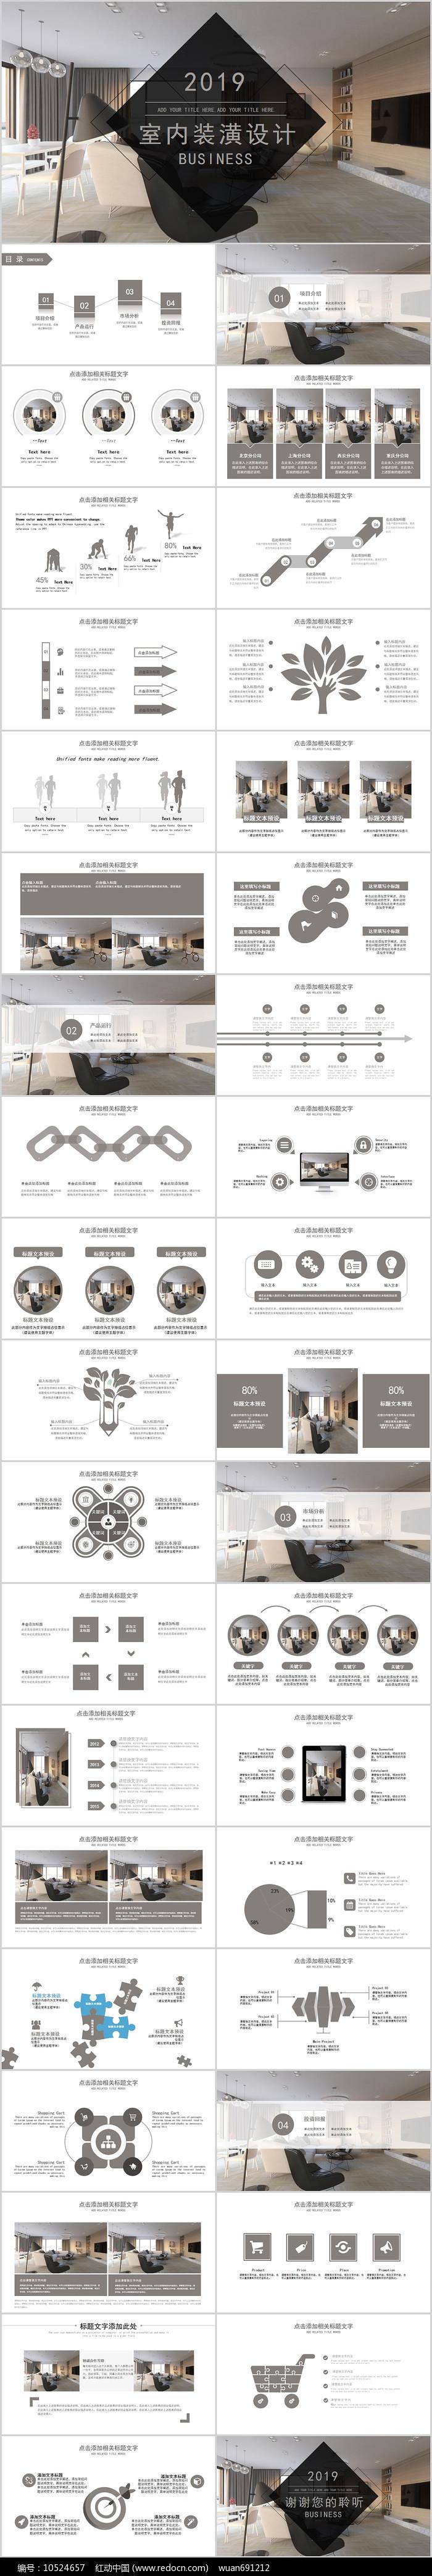 室内设计室内装修案例设计装修PPT模板图片